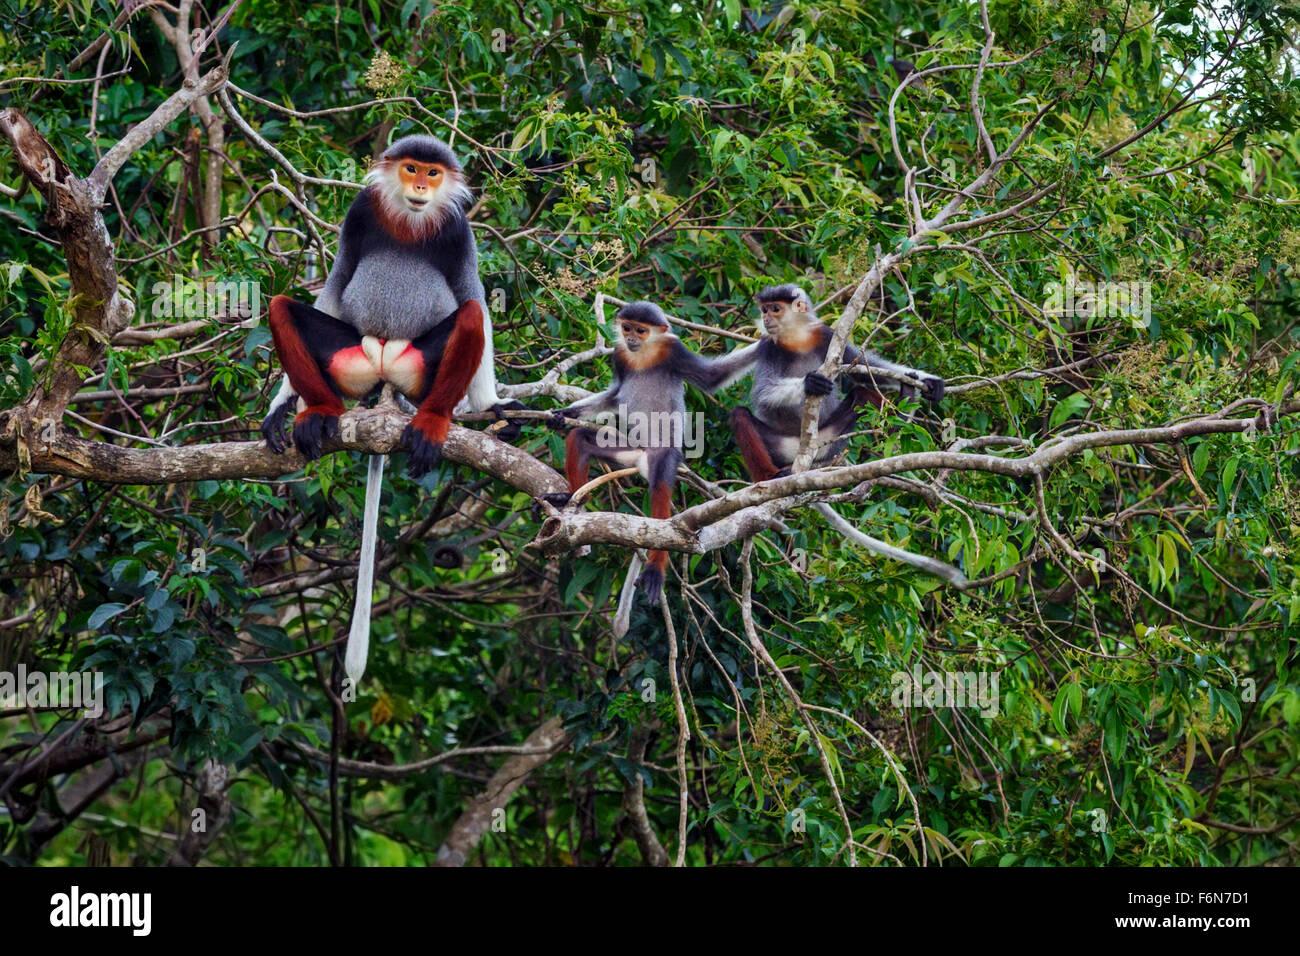 Mâle adulte Red-shanked douc garde d dans le couvert à la réserve naturelle de son tra au Vietnam Photo Stock